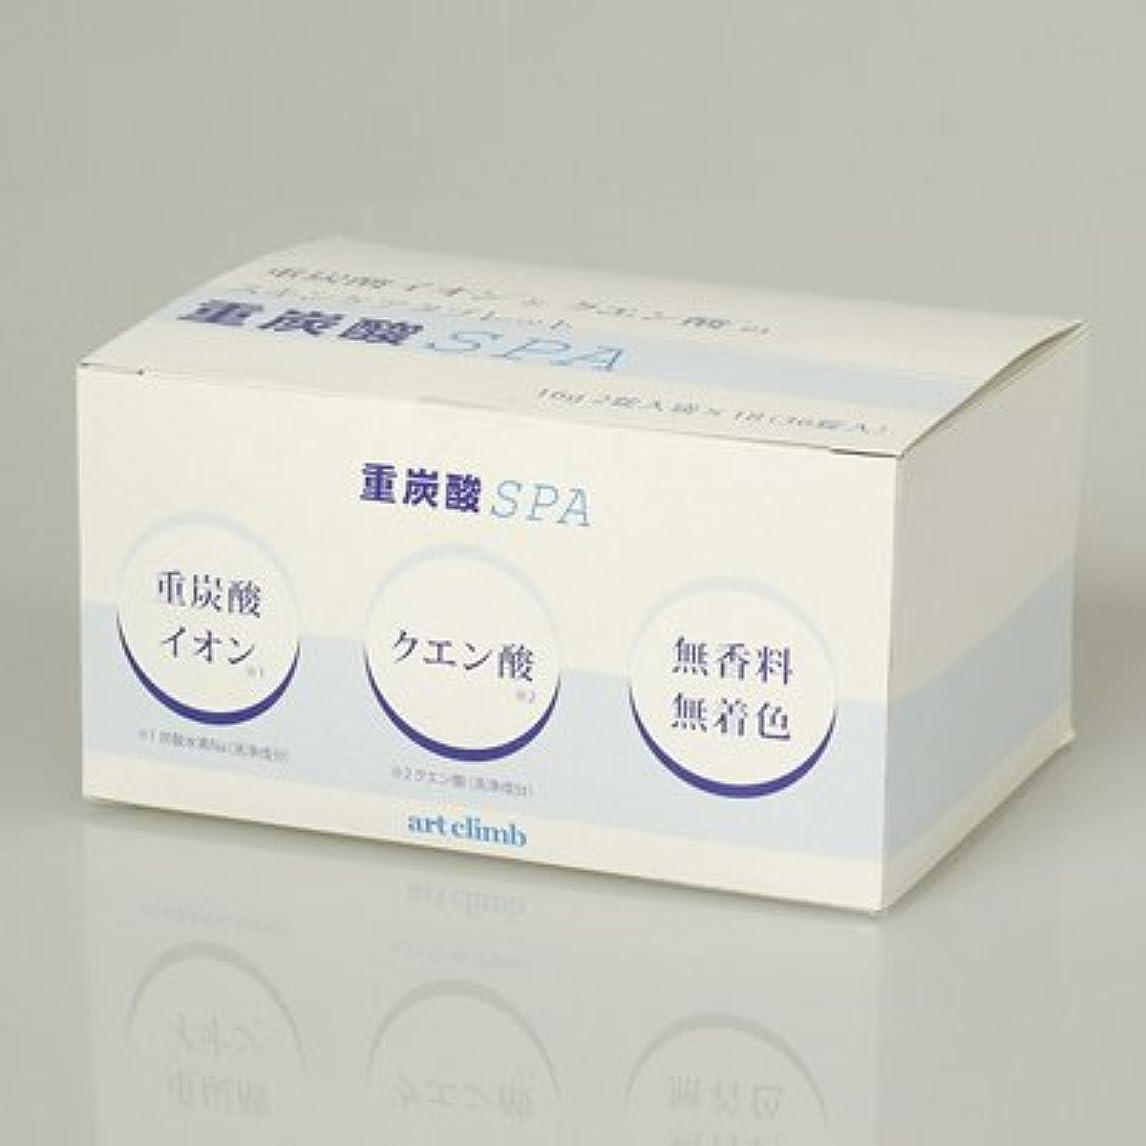 所有権こっそり動かす重炭酸SPA16g 36錠【2個セット】